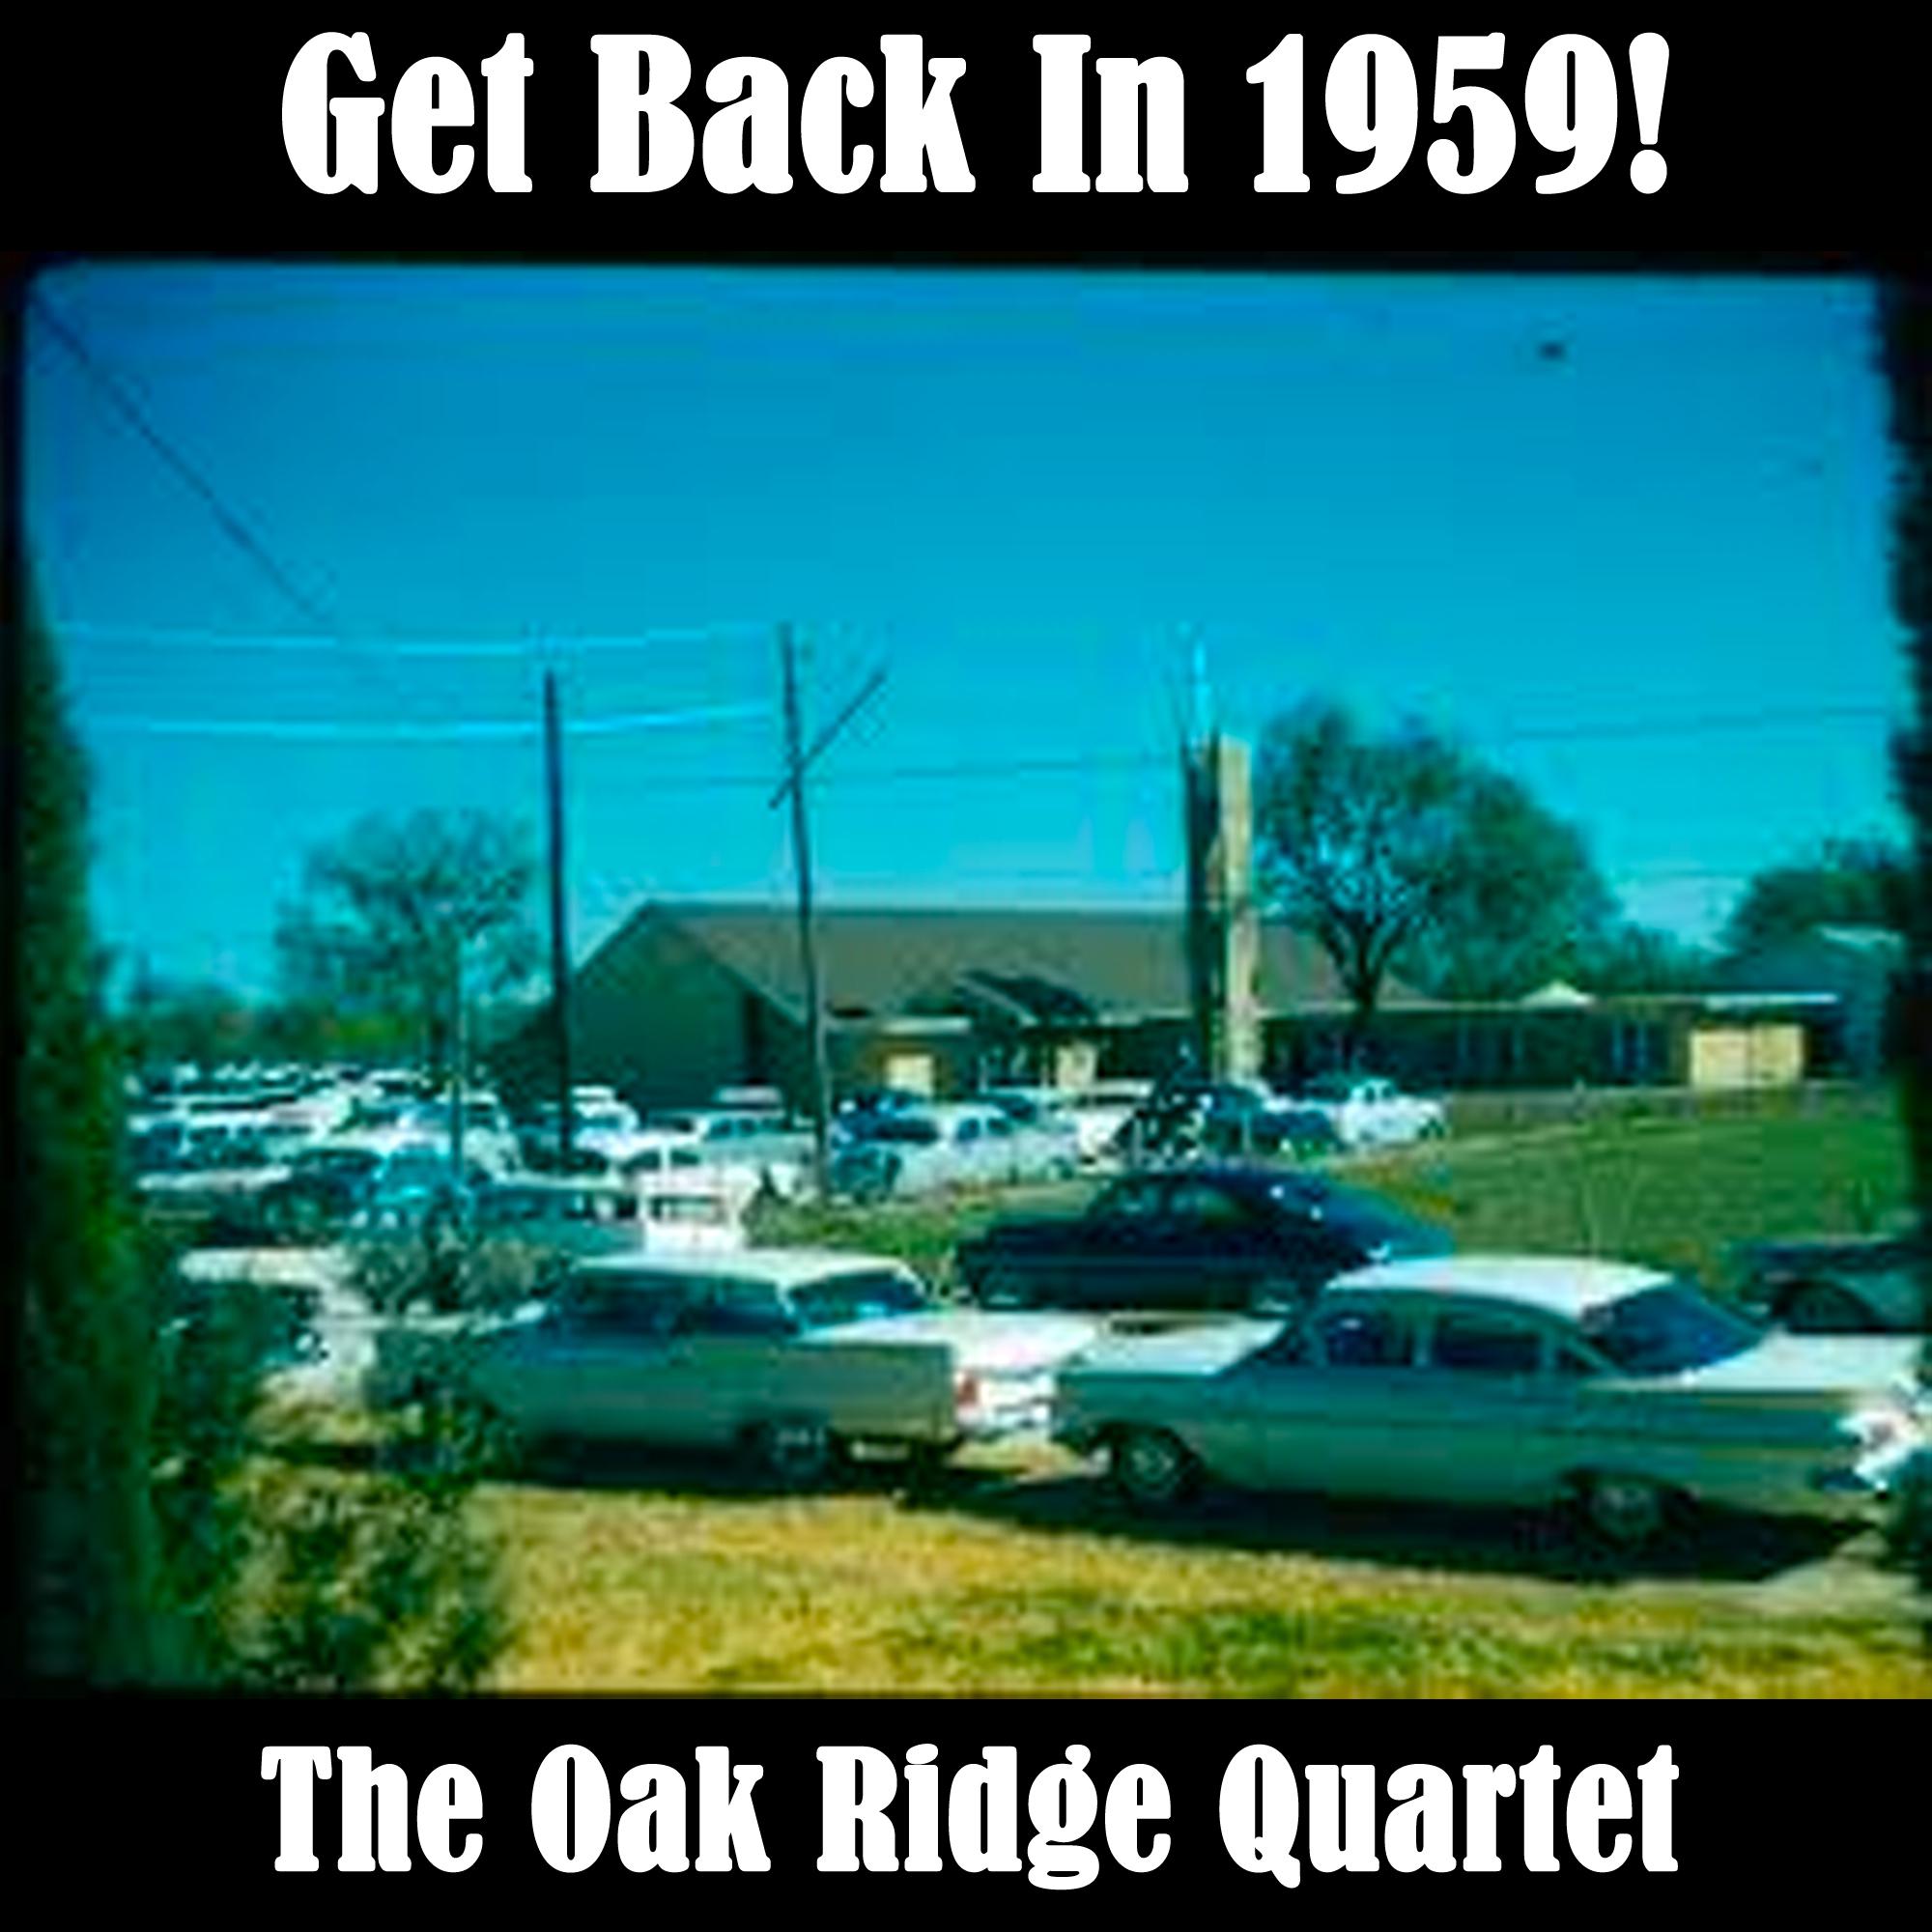 Get Back In 1959!